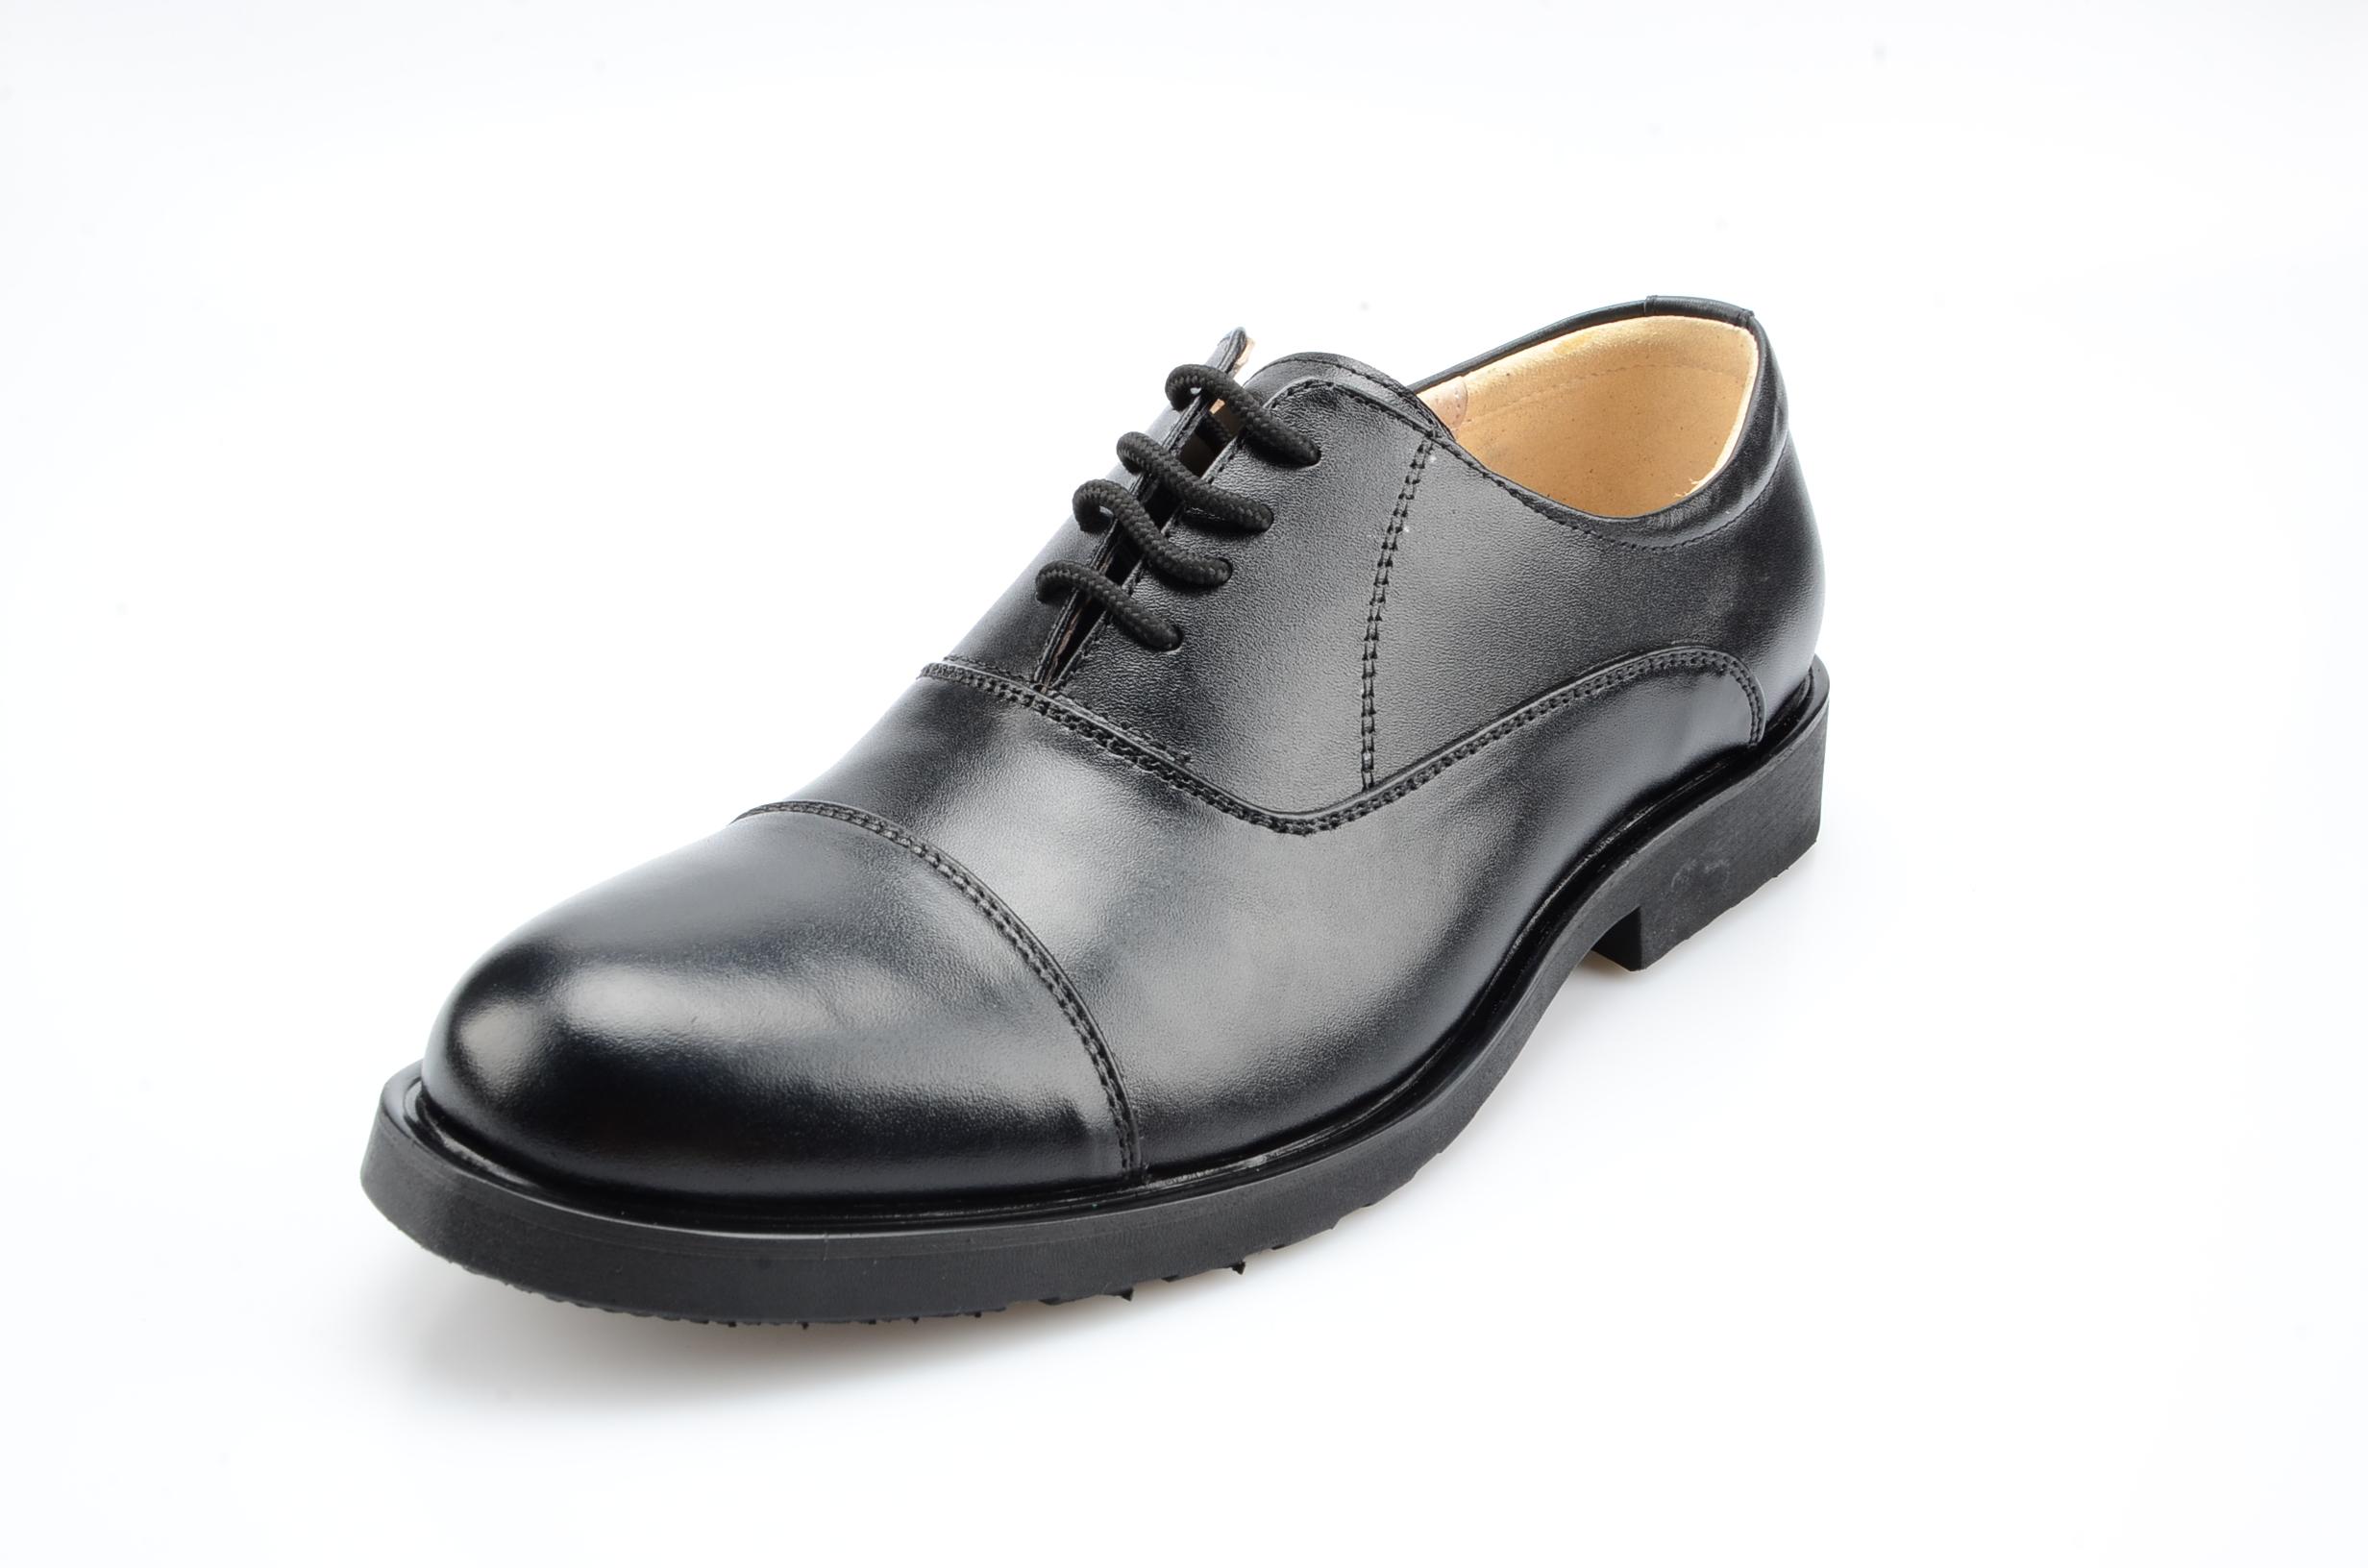 职业装皮鞋